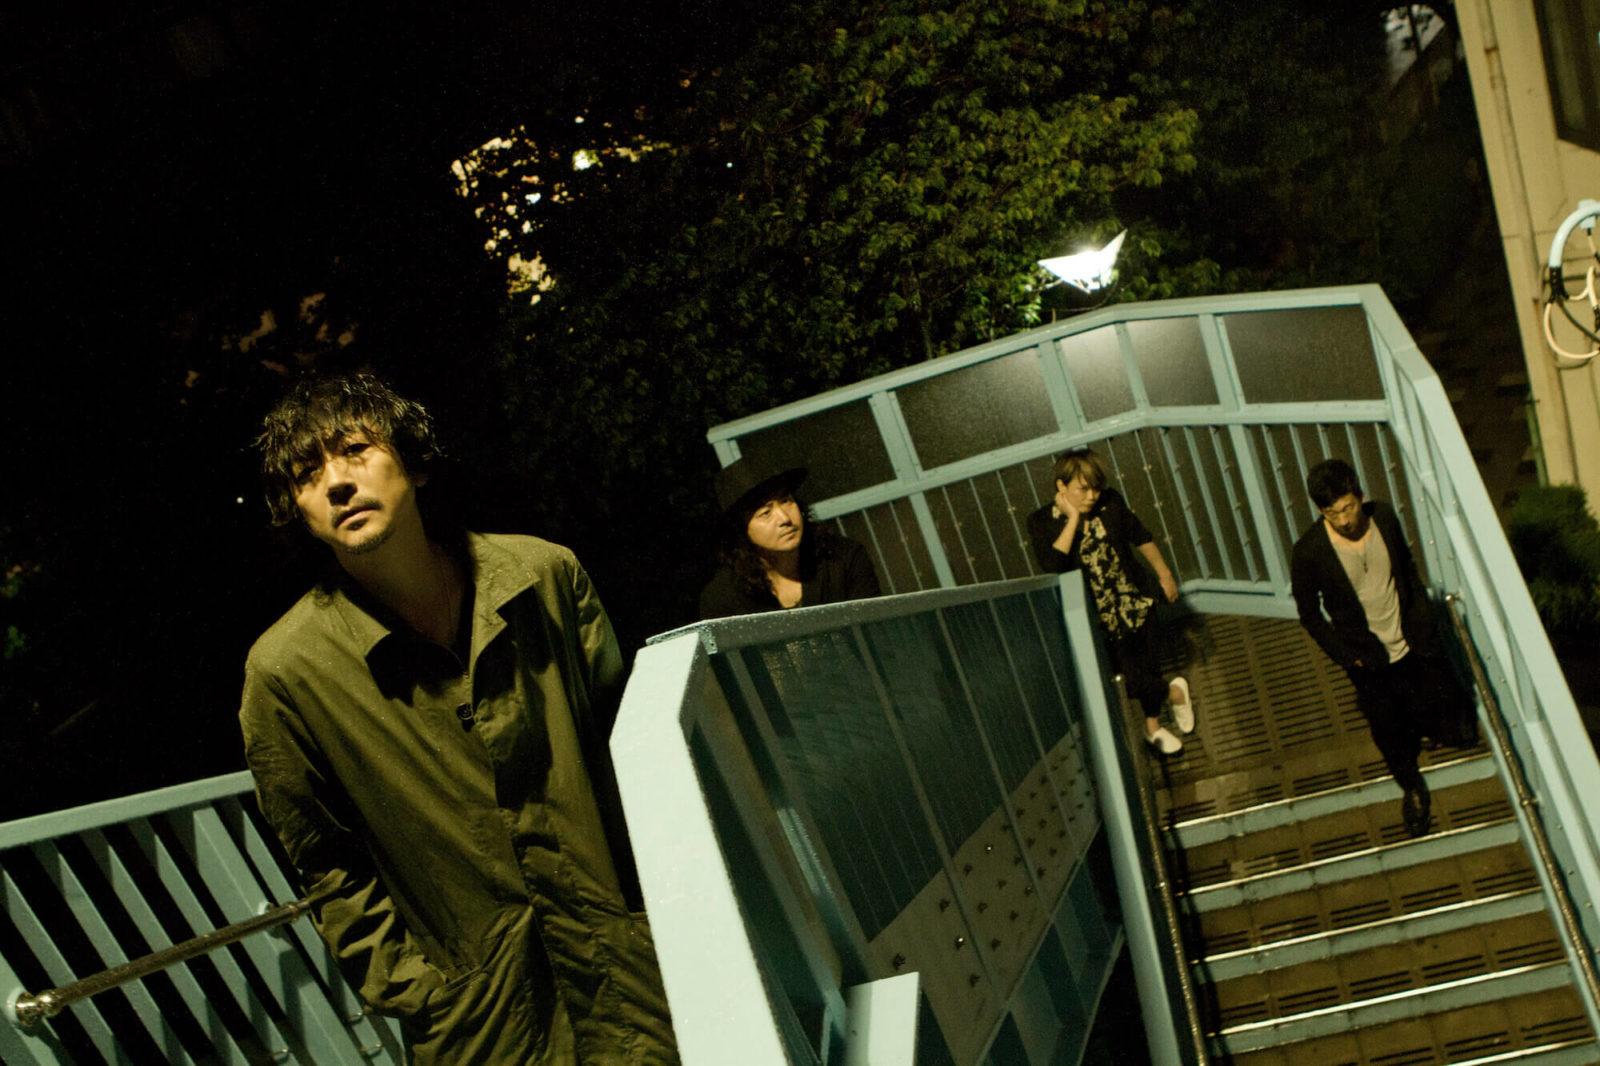 俳優・大森南朋が率いるロックバンド「月に吠える。」3週連続で配信限定シングルをリリースサムネイル画像